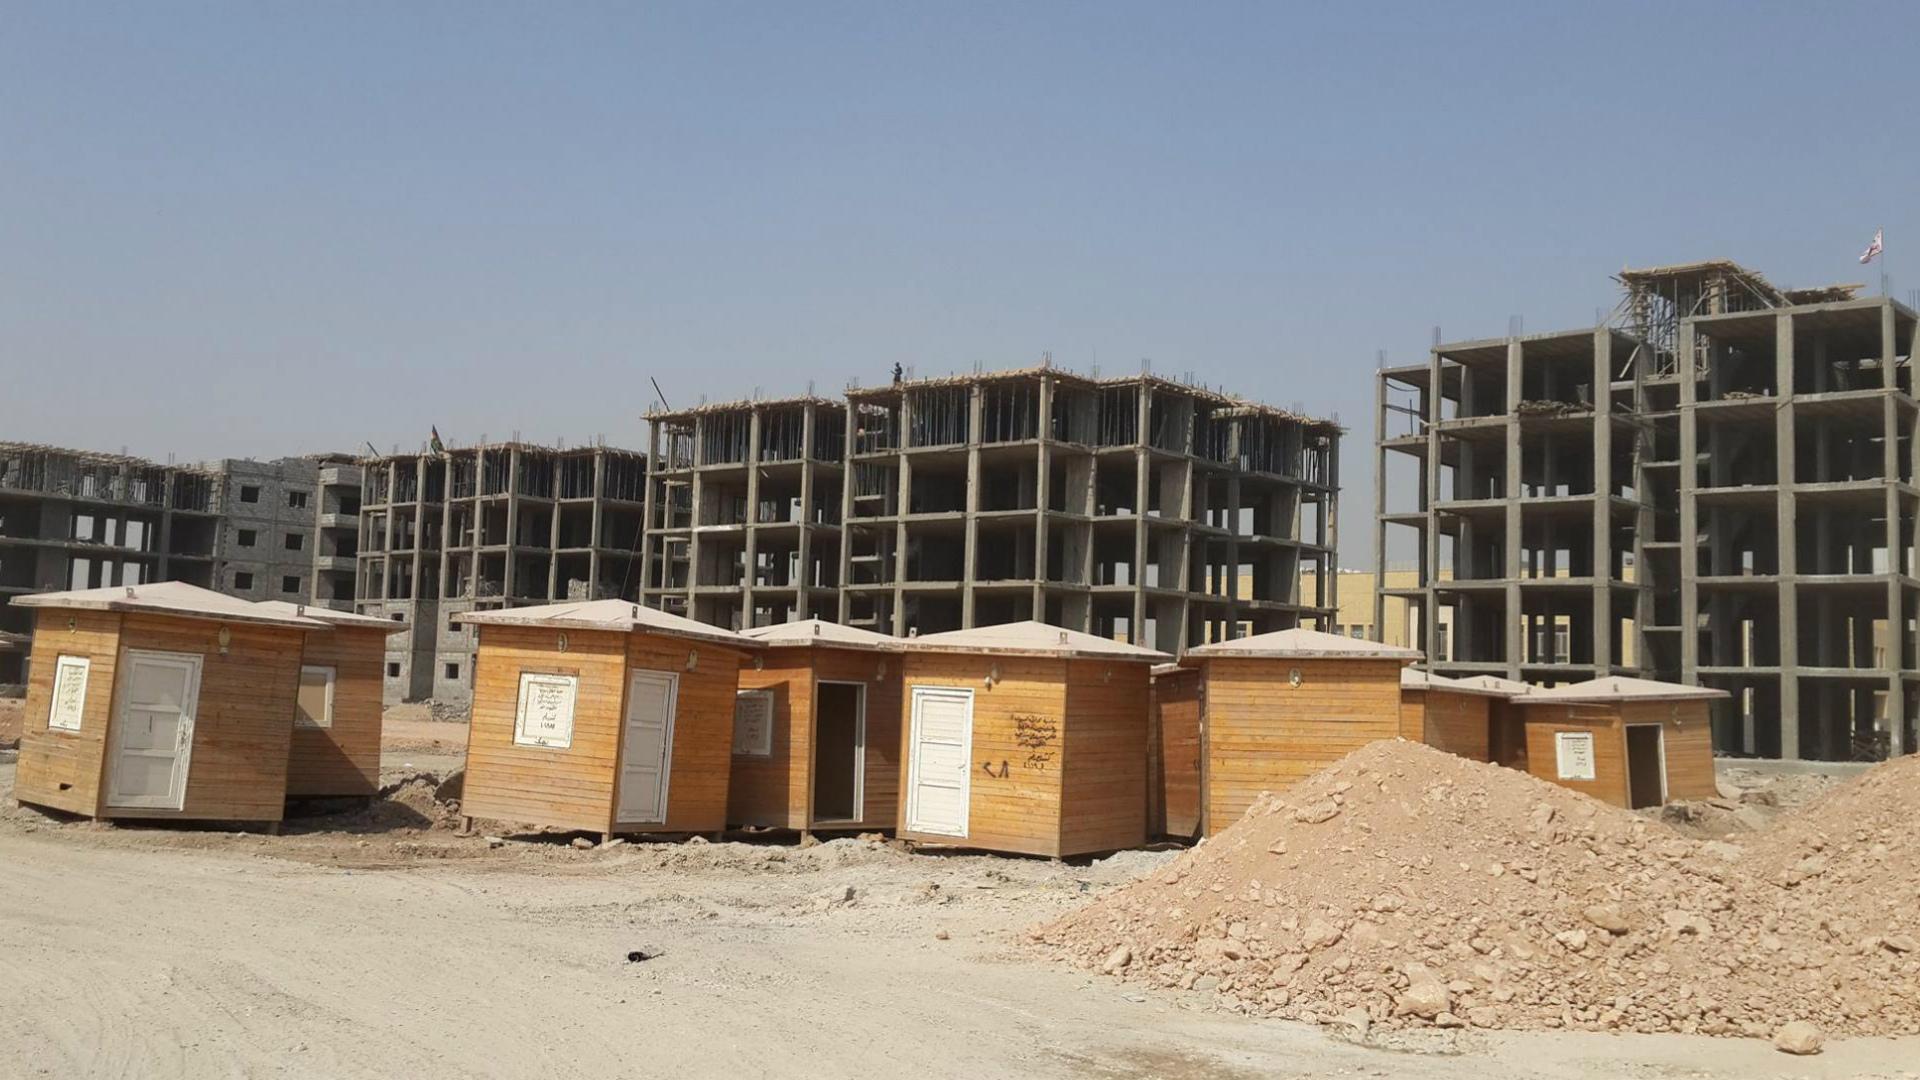 محافظة الديوانية تعلن قرب افتتاح مشروع استثماري يحوي مئات الوحدات السكنية